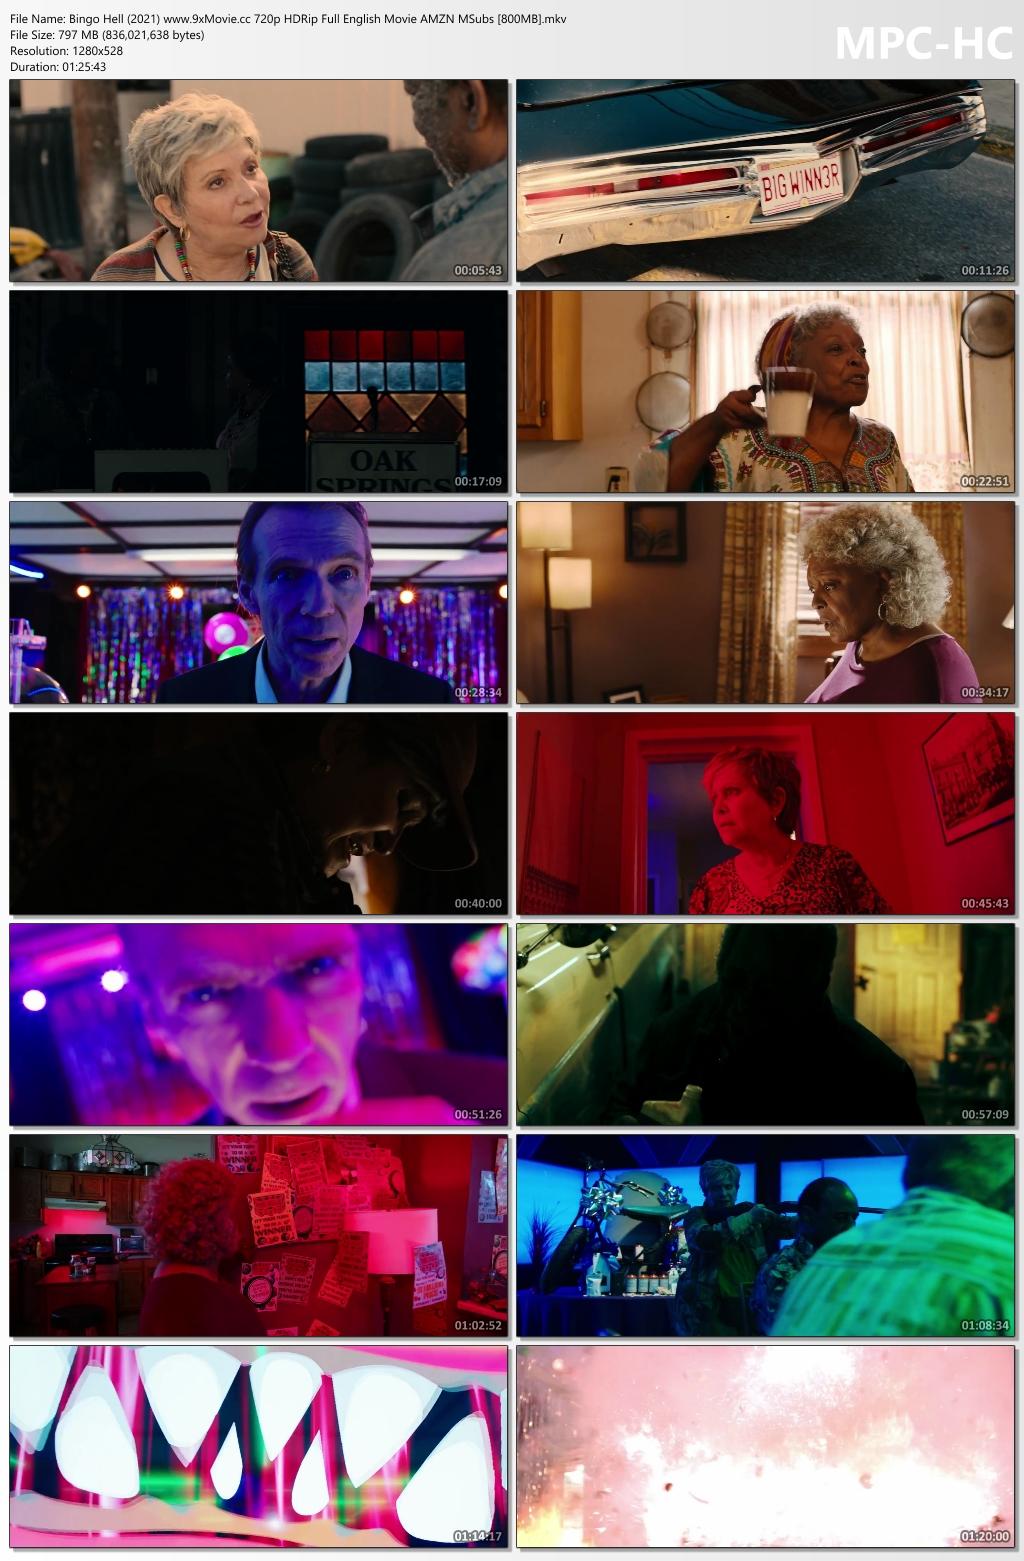 Bingo-Hell-2021-www-9x-Movie-cc-720p-HDRip-Full-English-Movie-AMZN-MSubs-800-MB-mkv